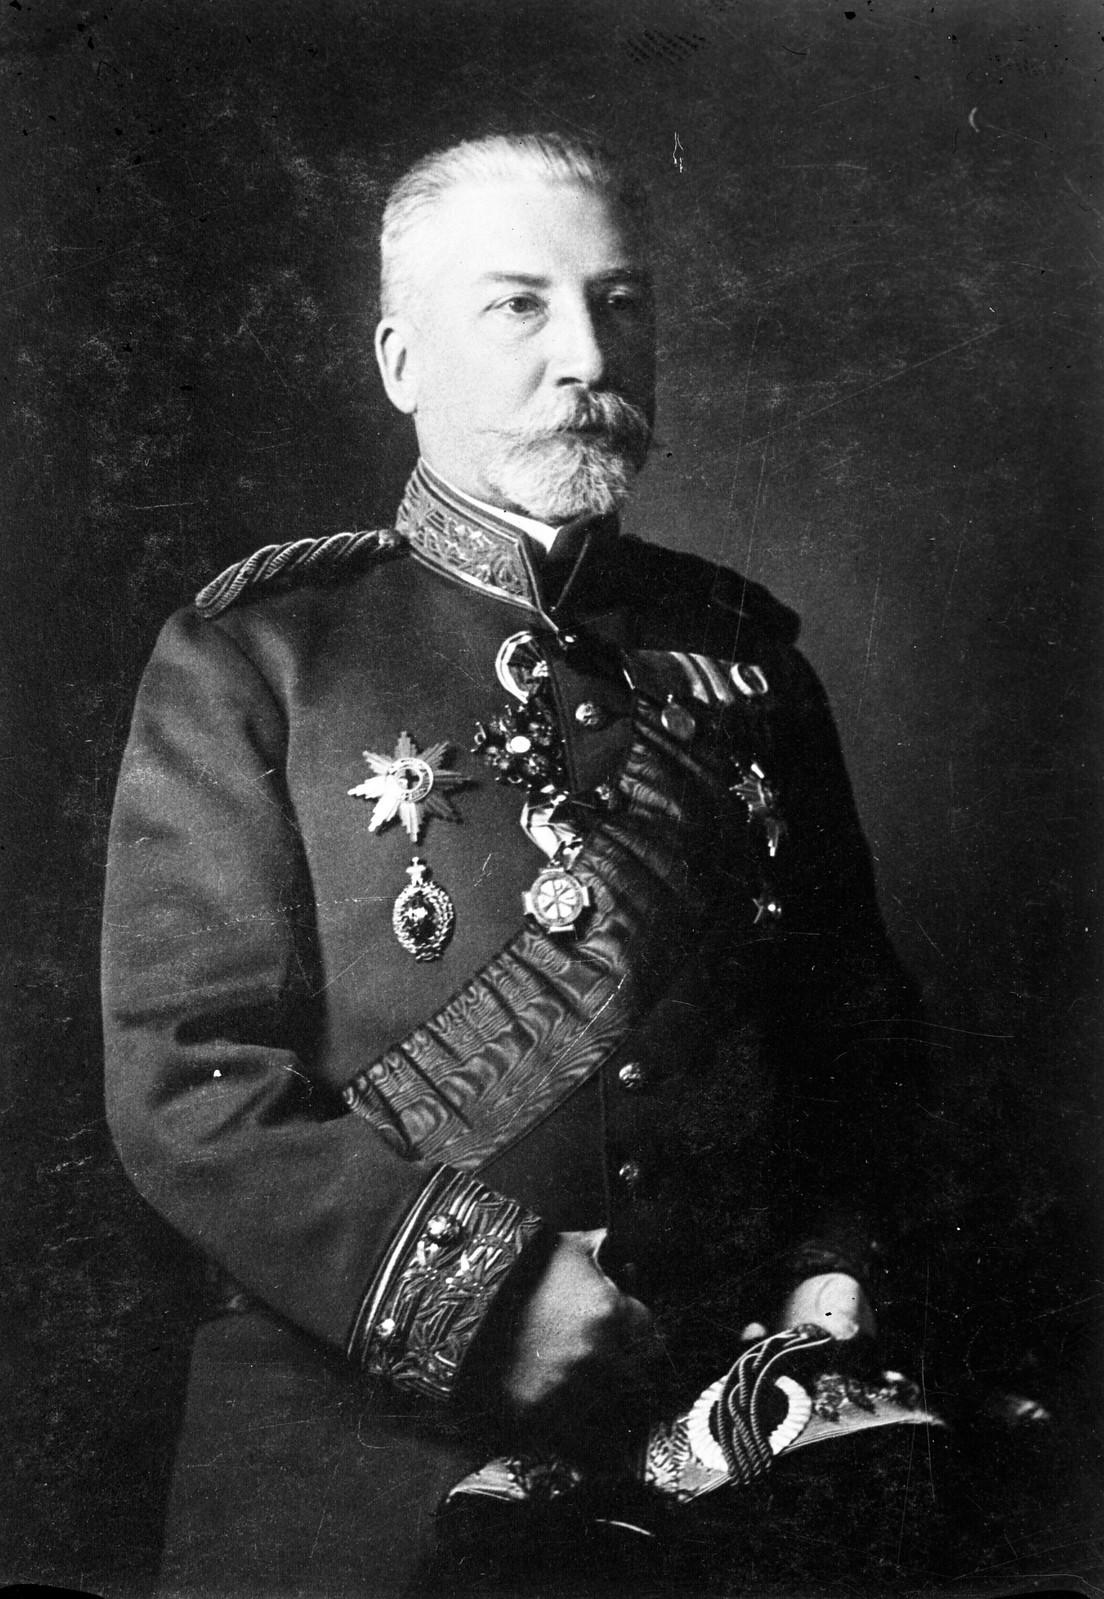 04. Представитель правительства России Кростовиц, подписавший договор между Монголией и Россией в 1912 году в Их Хурээ